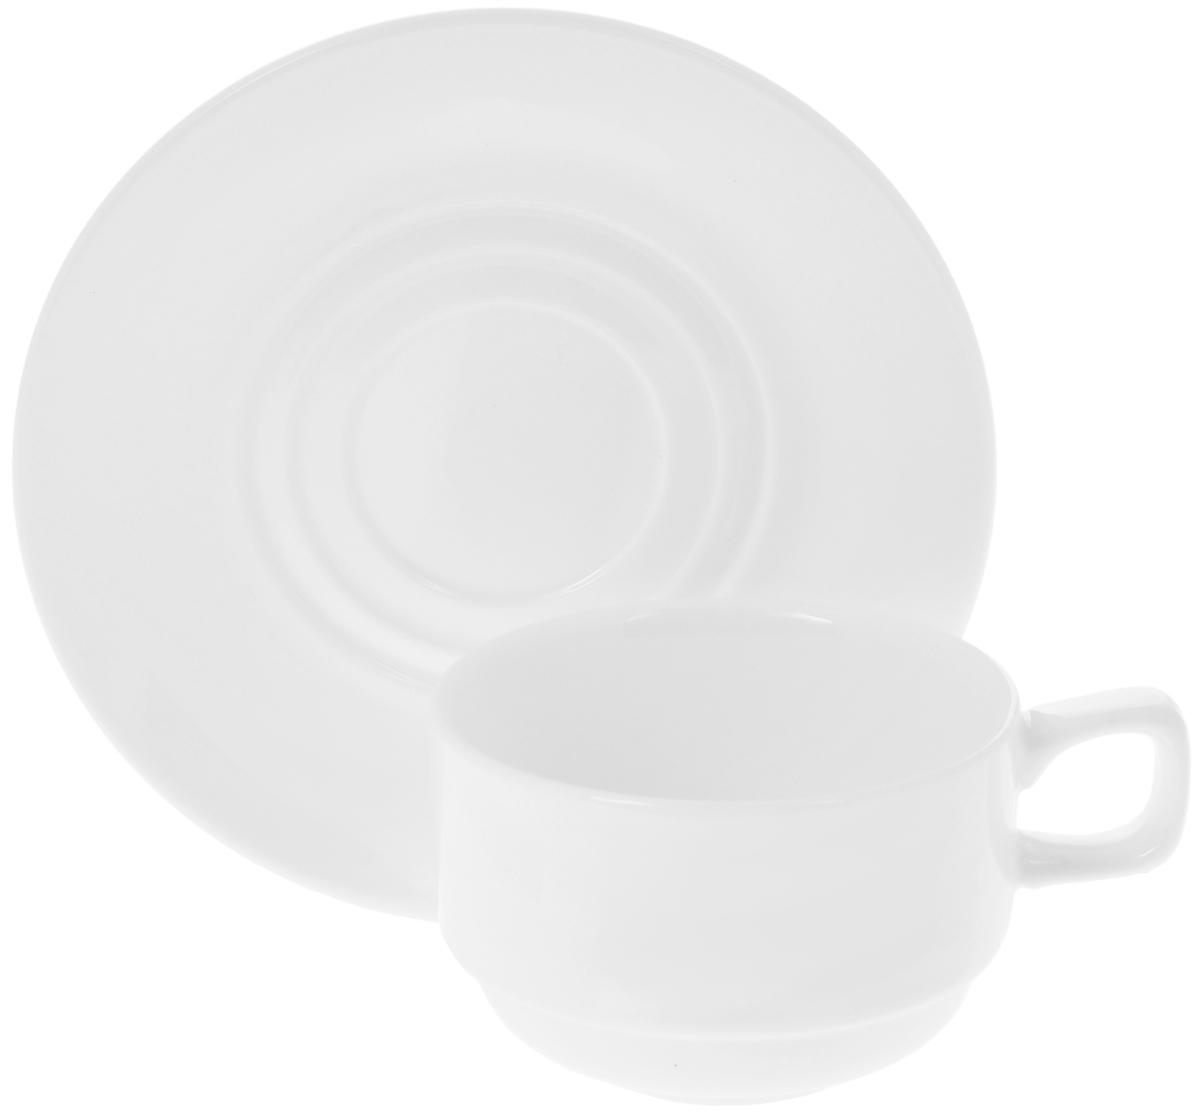 Чайная пара Wilmax, 2 предмета. WL-993008 / ABWL-993008 / ABЧайная пара Wilmax состоит из чашки и блюдца, выполненных из высококачественного фарфора и оформленных в классическом стиле. Оригинальный дизайн, несомненно, придется вам по вкусу. Чайная пара Wilmax украсит ваш кухонный стол, а также станет замечательным подарком к любому празднику. Объем чашки: 220 мл. Диаметр чашки (по верхнему краю): 8,5 см. Диаметр дна чашки: 4,5 см. Высота чашки: 5,5 см. Диаметр блюдца: 15 см.